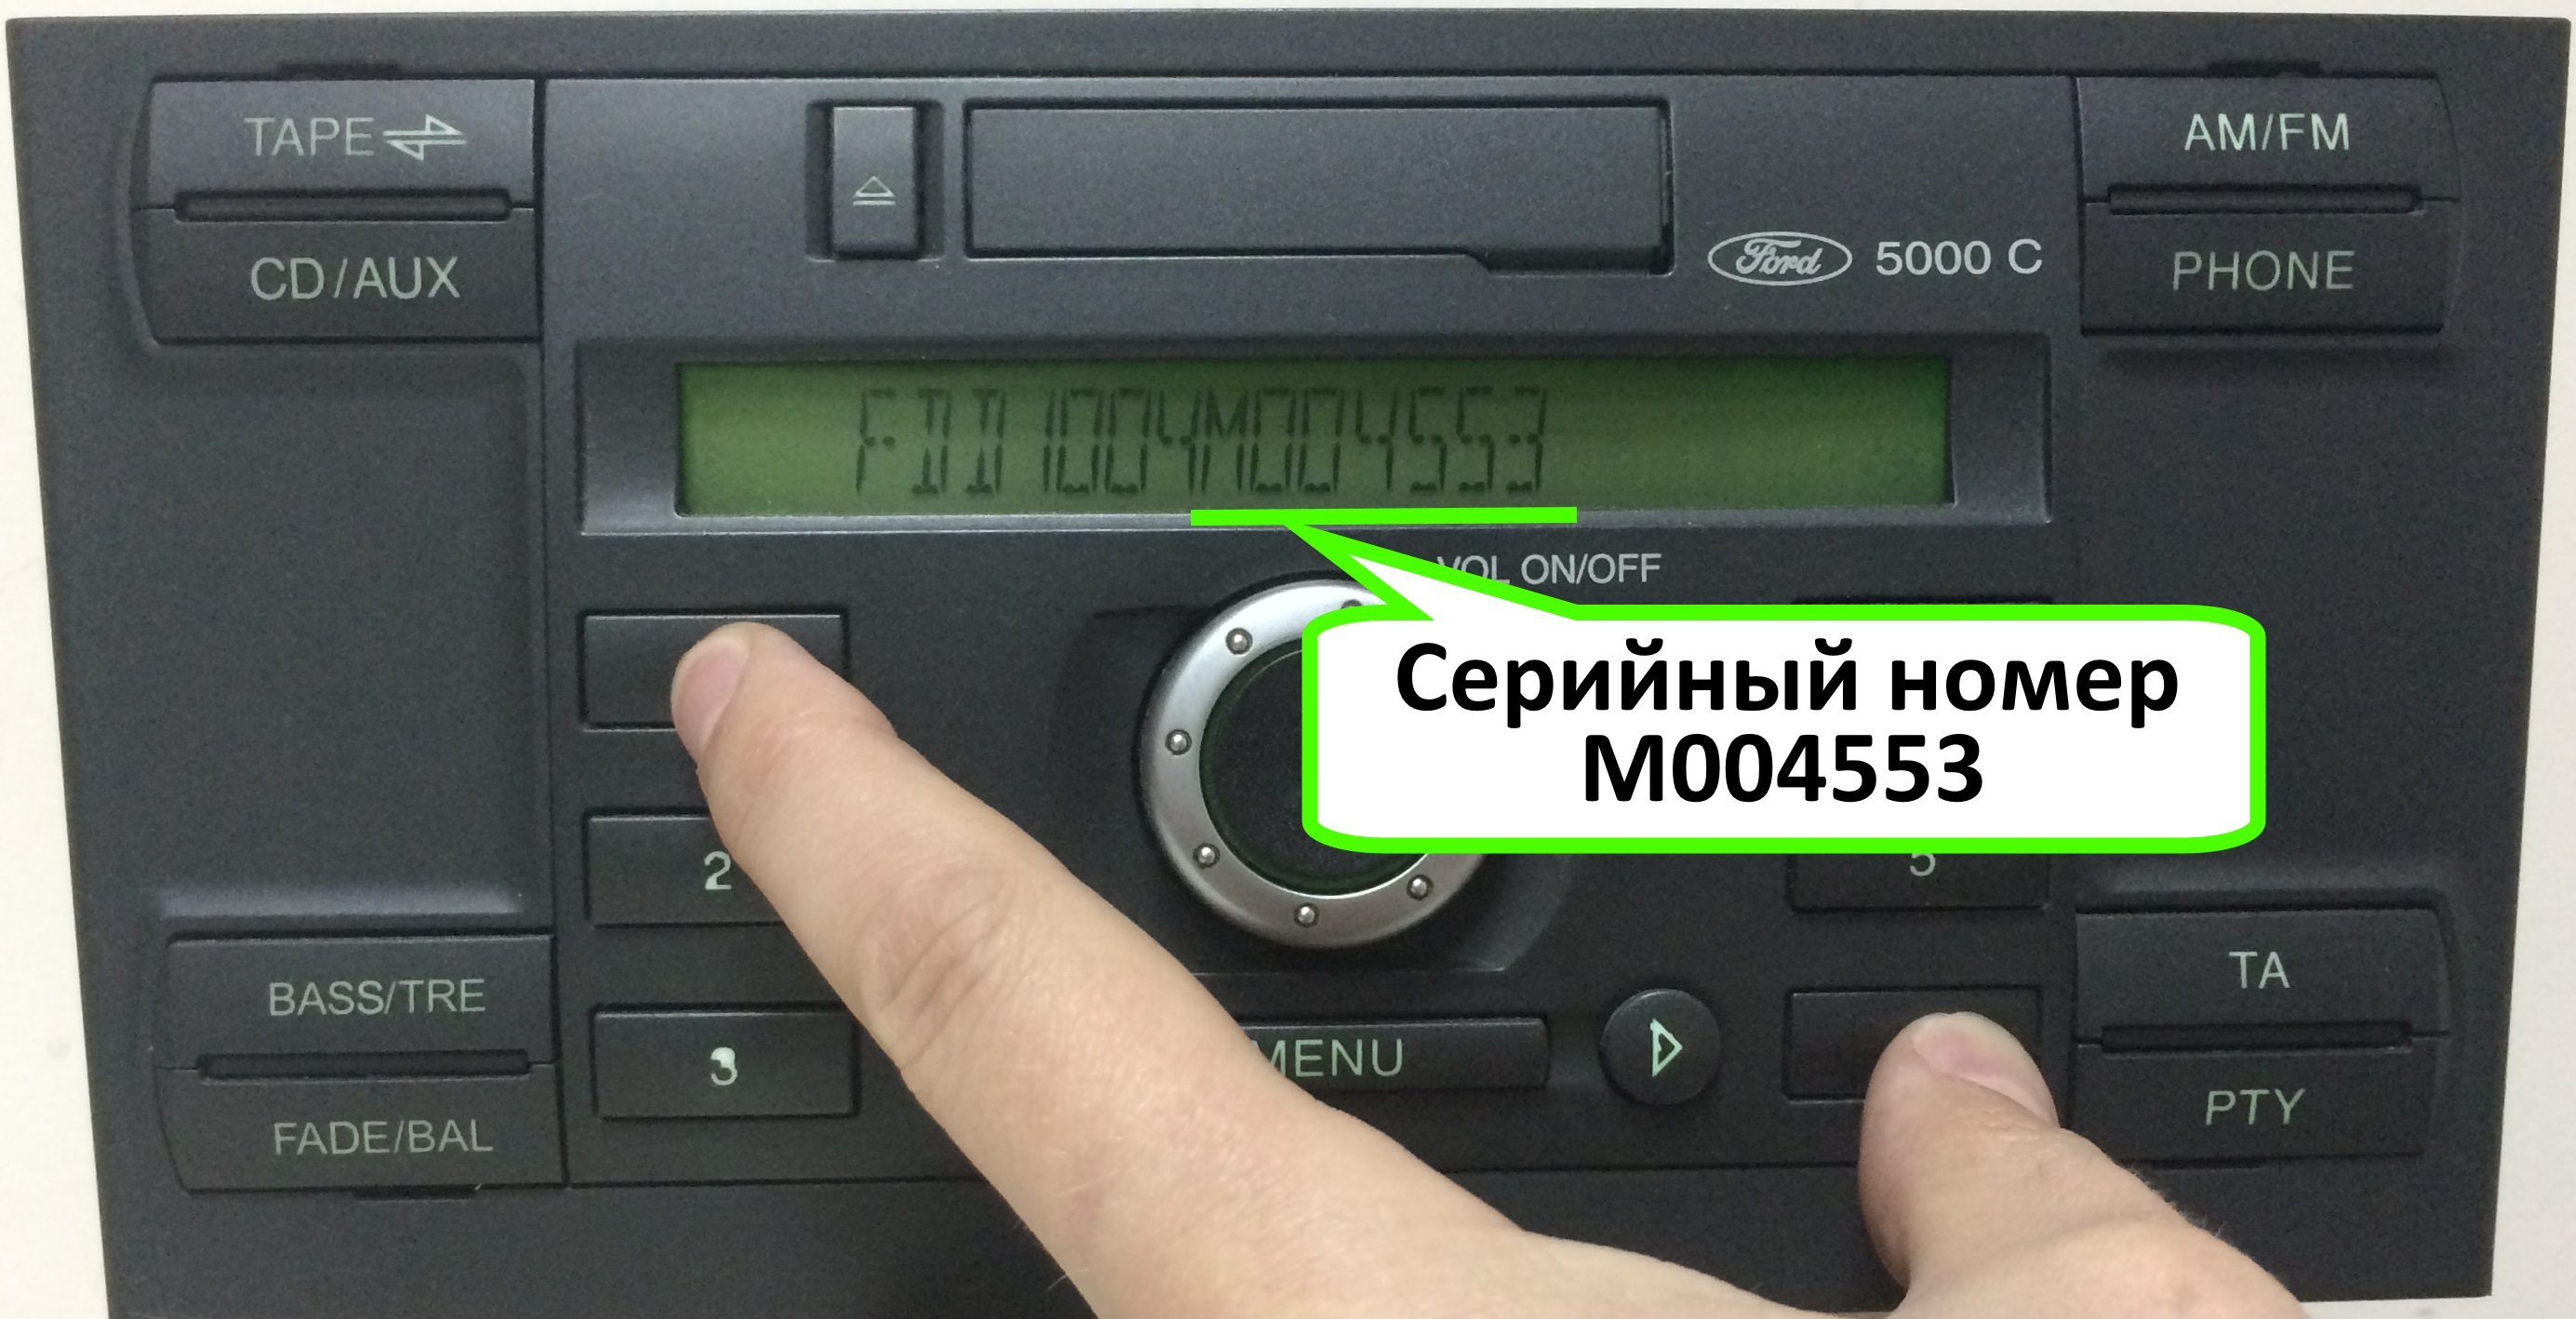 Серийный номер М004553